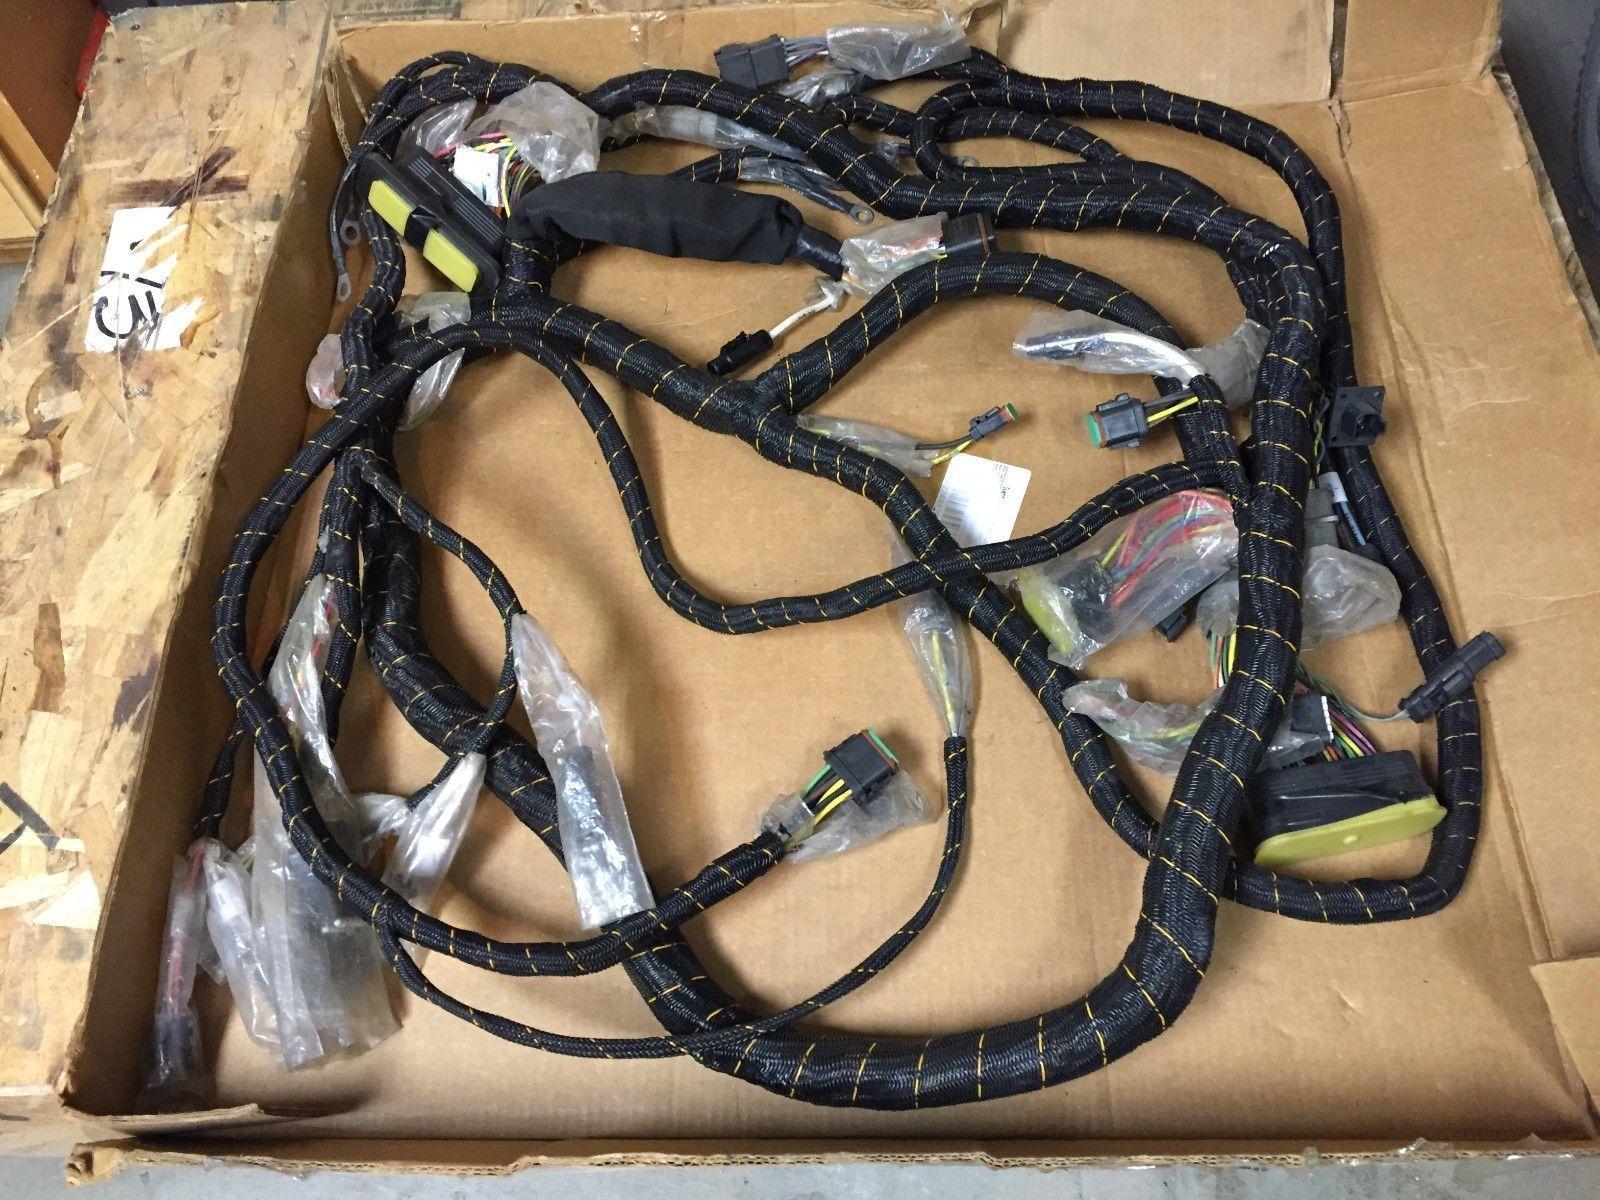 available on ebay ebay caterpillar cat 312 0269 main wiring harness d6r d7r d8r caterpillar heavyequipment ebay heavyequipment [ 1600 x 1200 Pixel ]